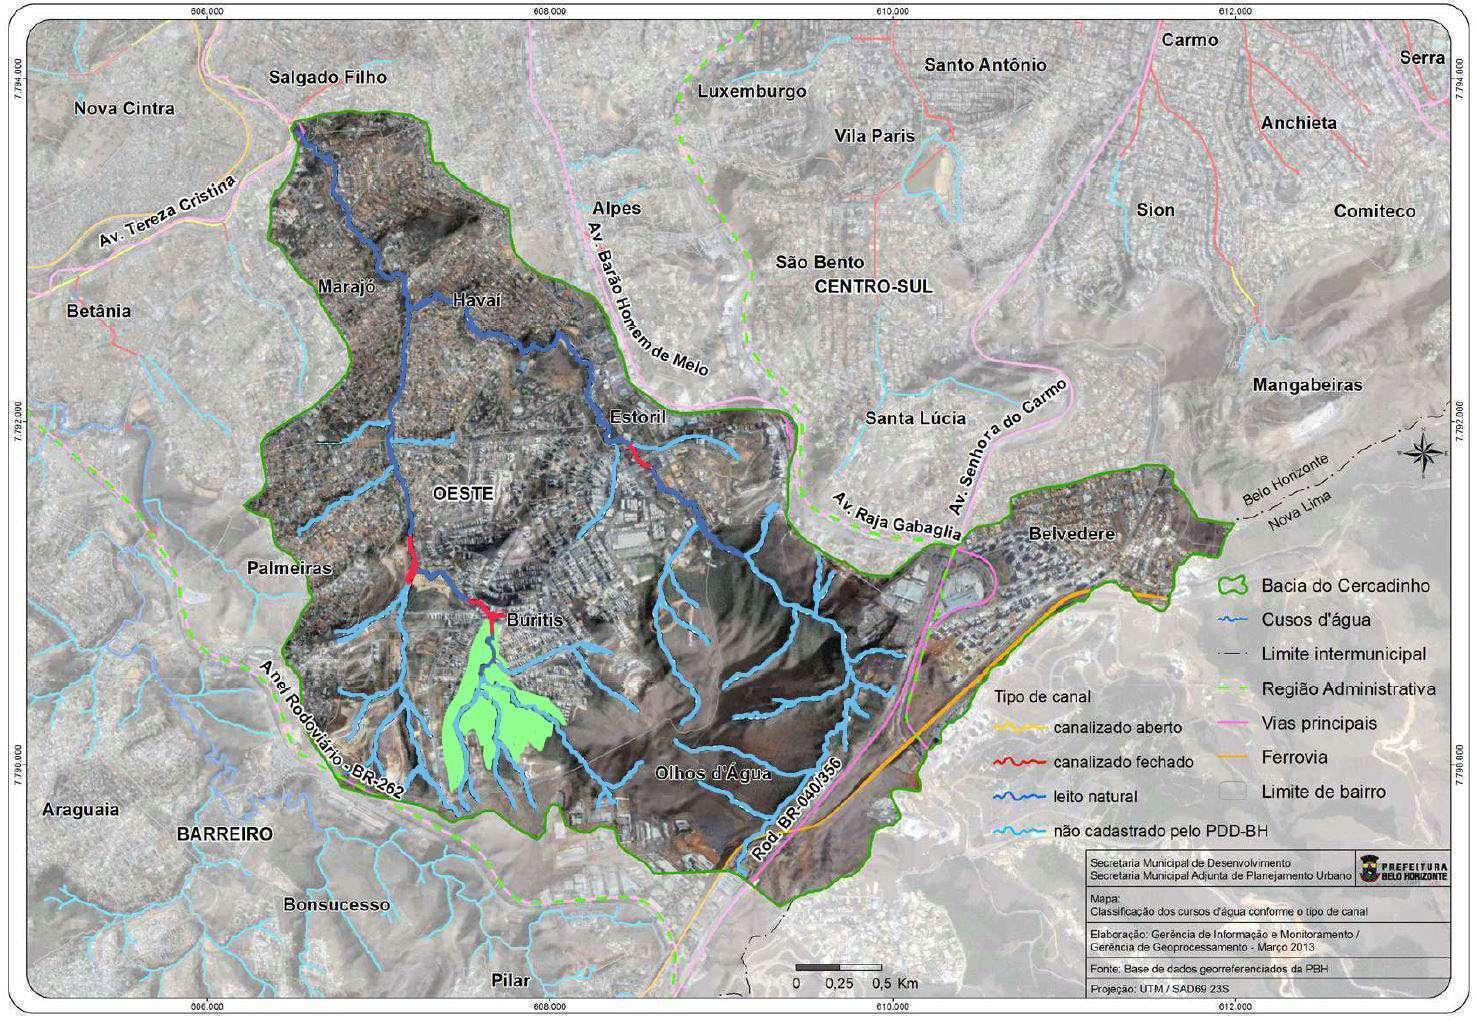 Mapa bacia do Cercadinho e tipos de canalização